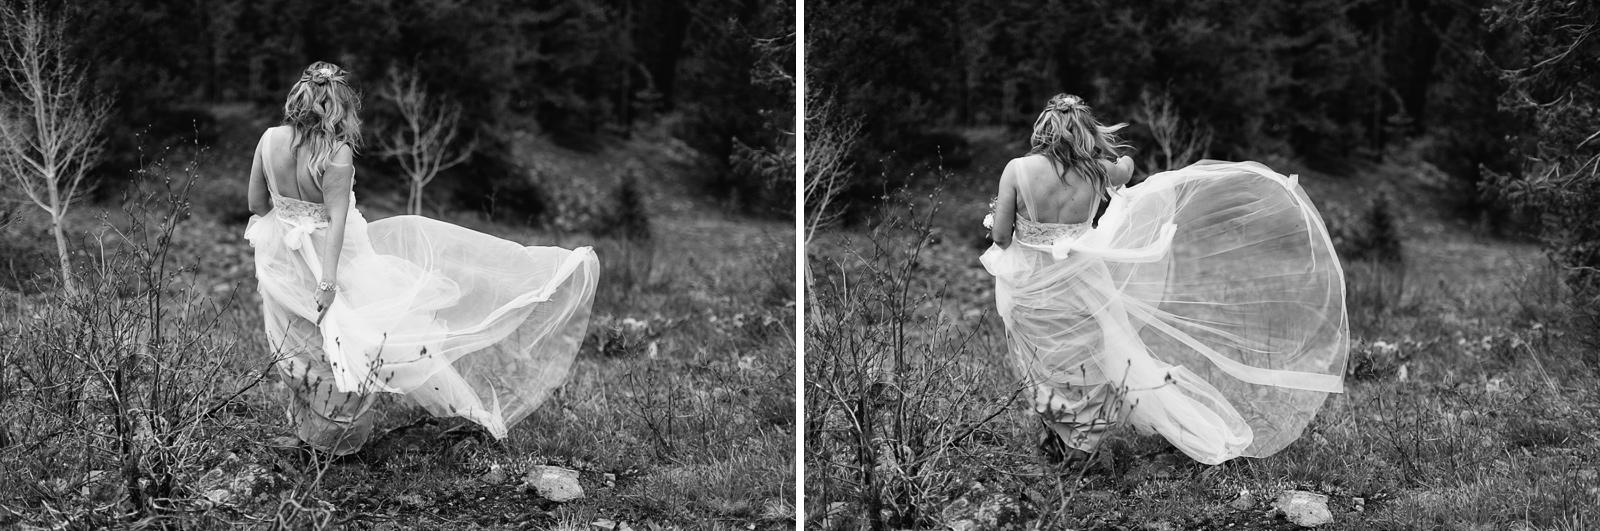 046-vail-elopement-photographer-chris-and-tara.jpg